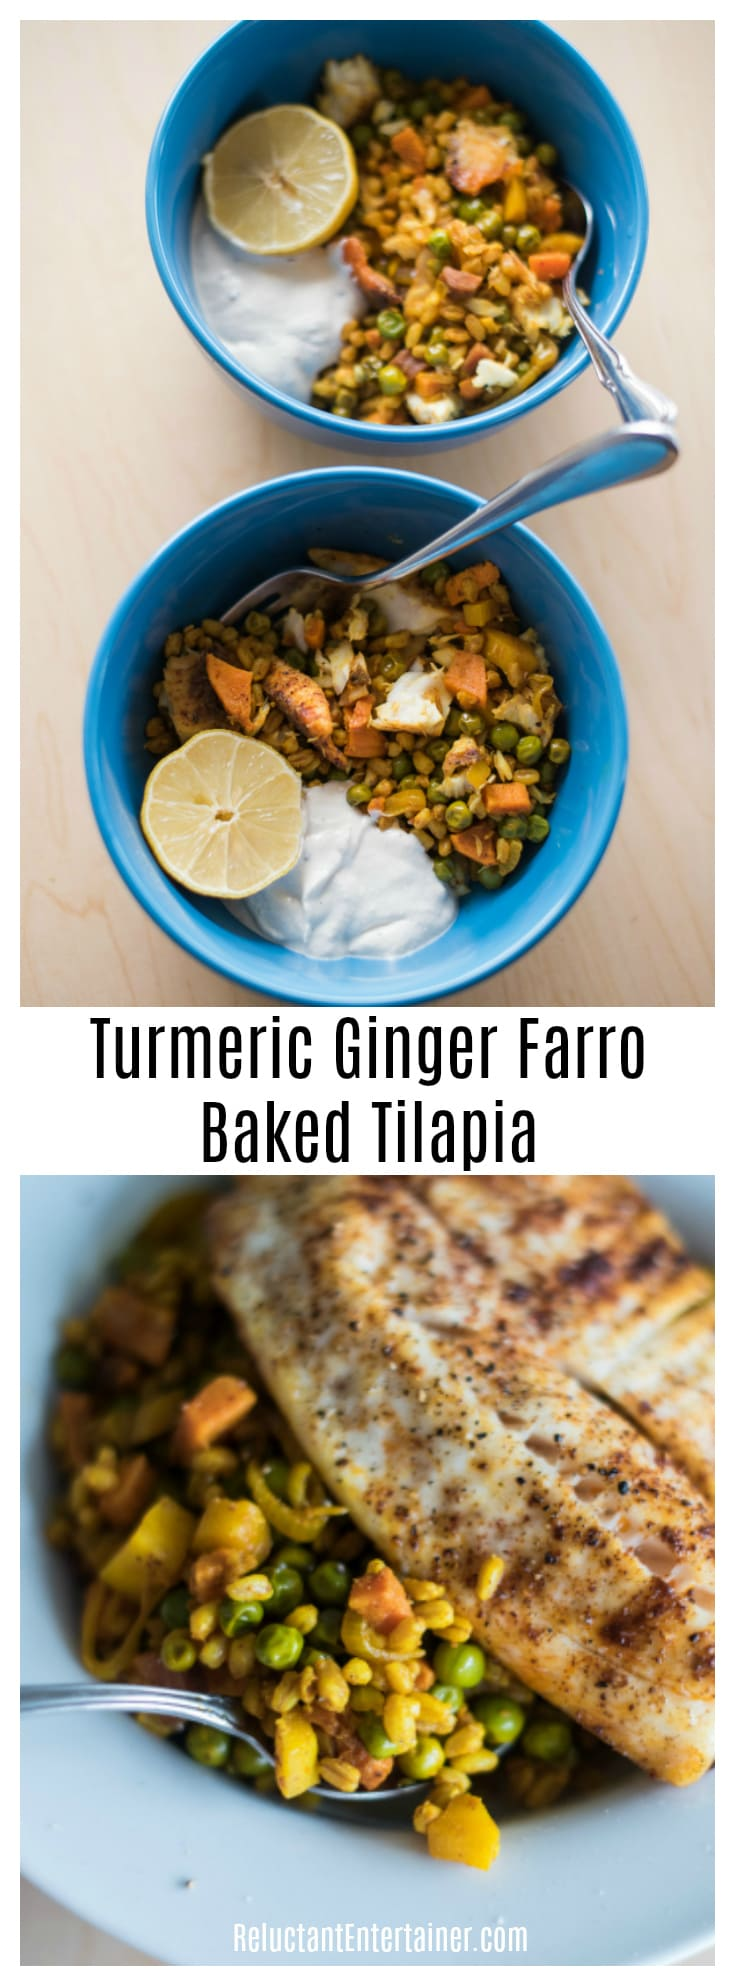 Turmeric Ginger Farro Baked Tilapia